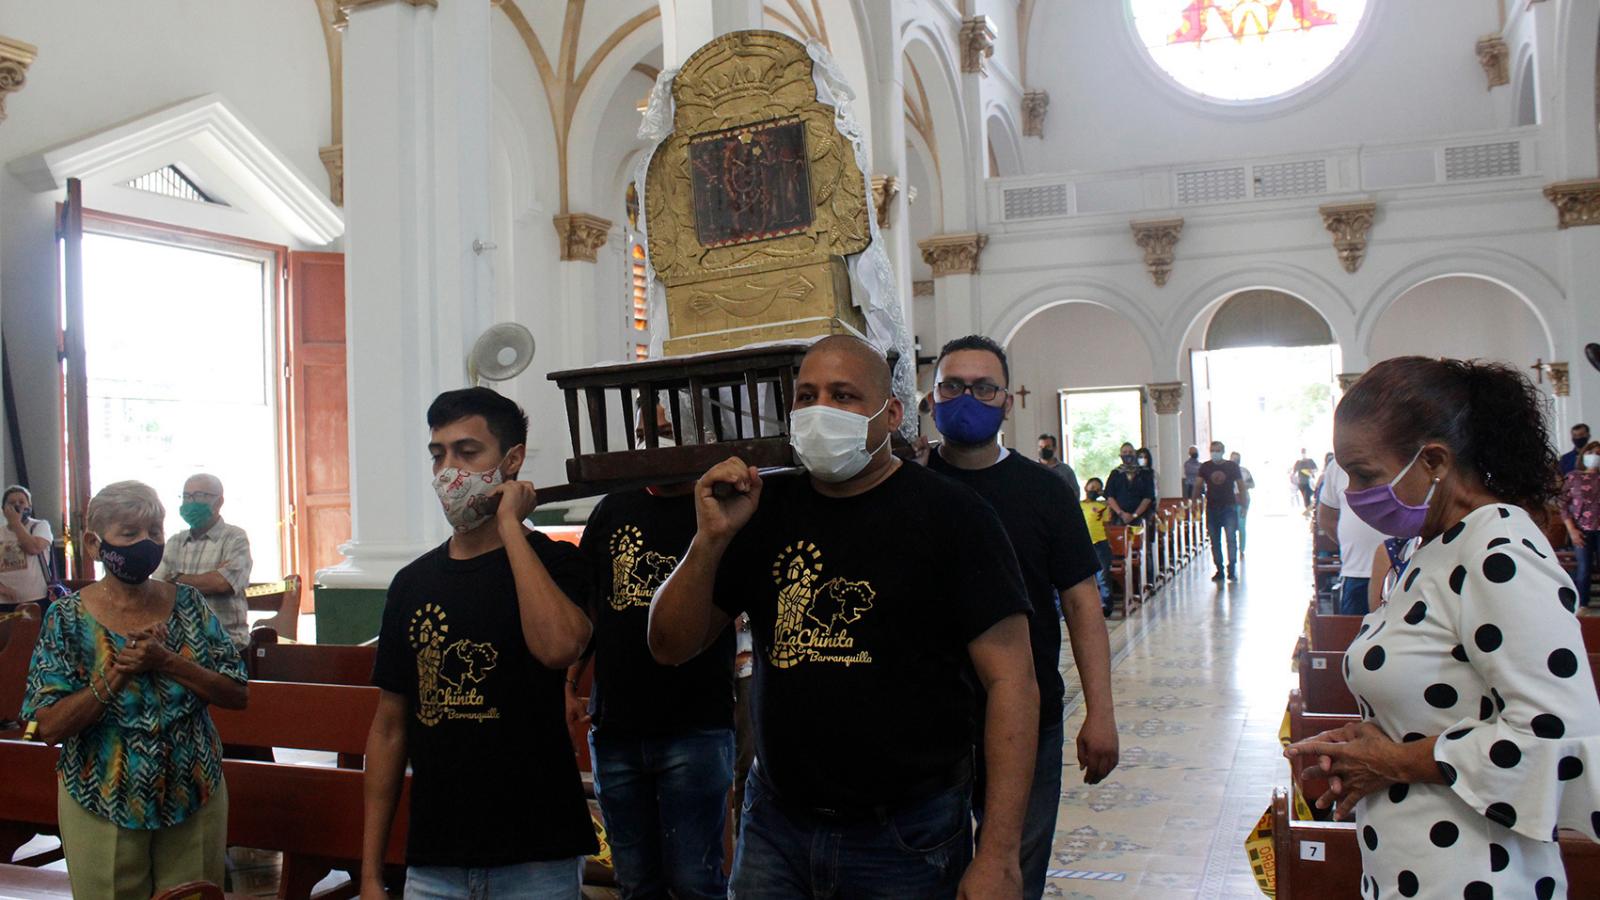 La Virgen zuliana que hoy veneran en Barranquilla